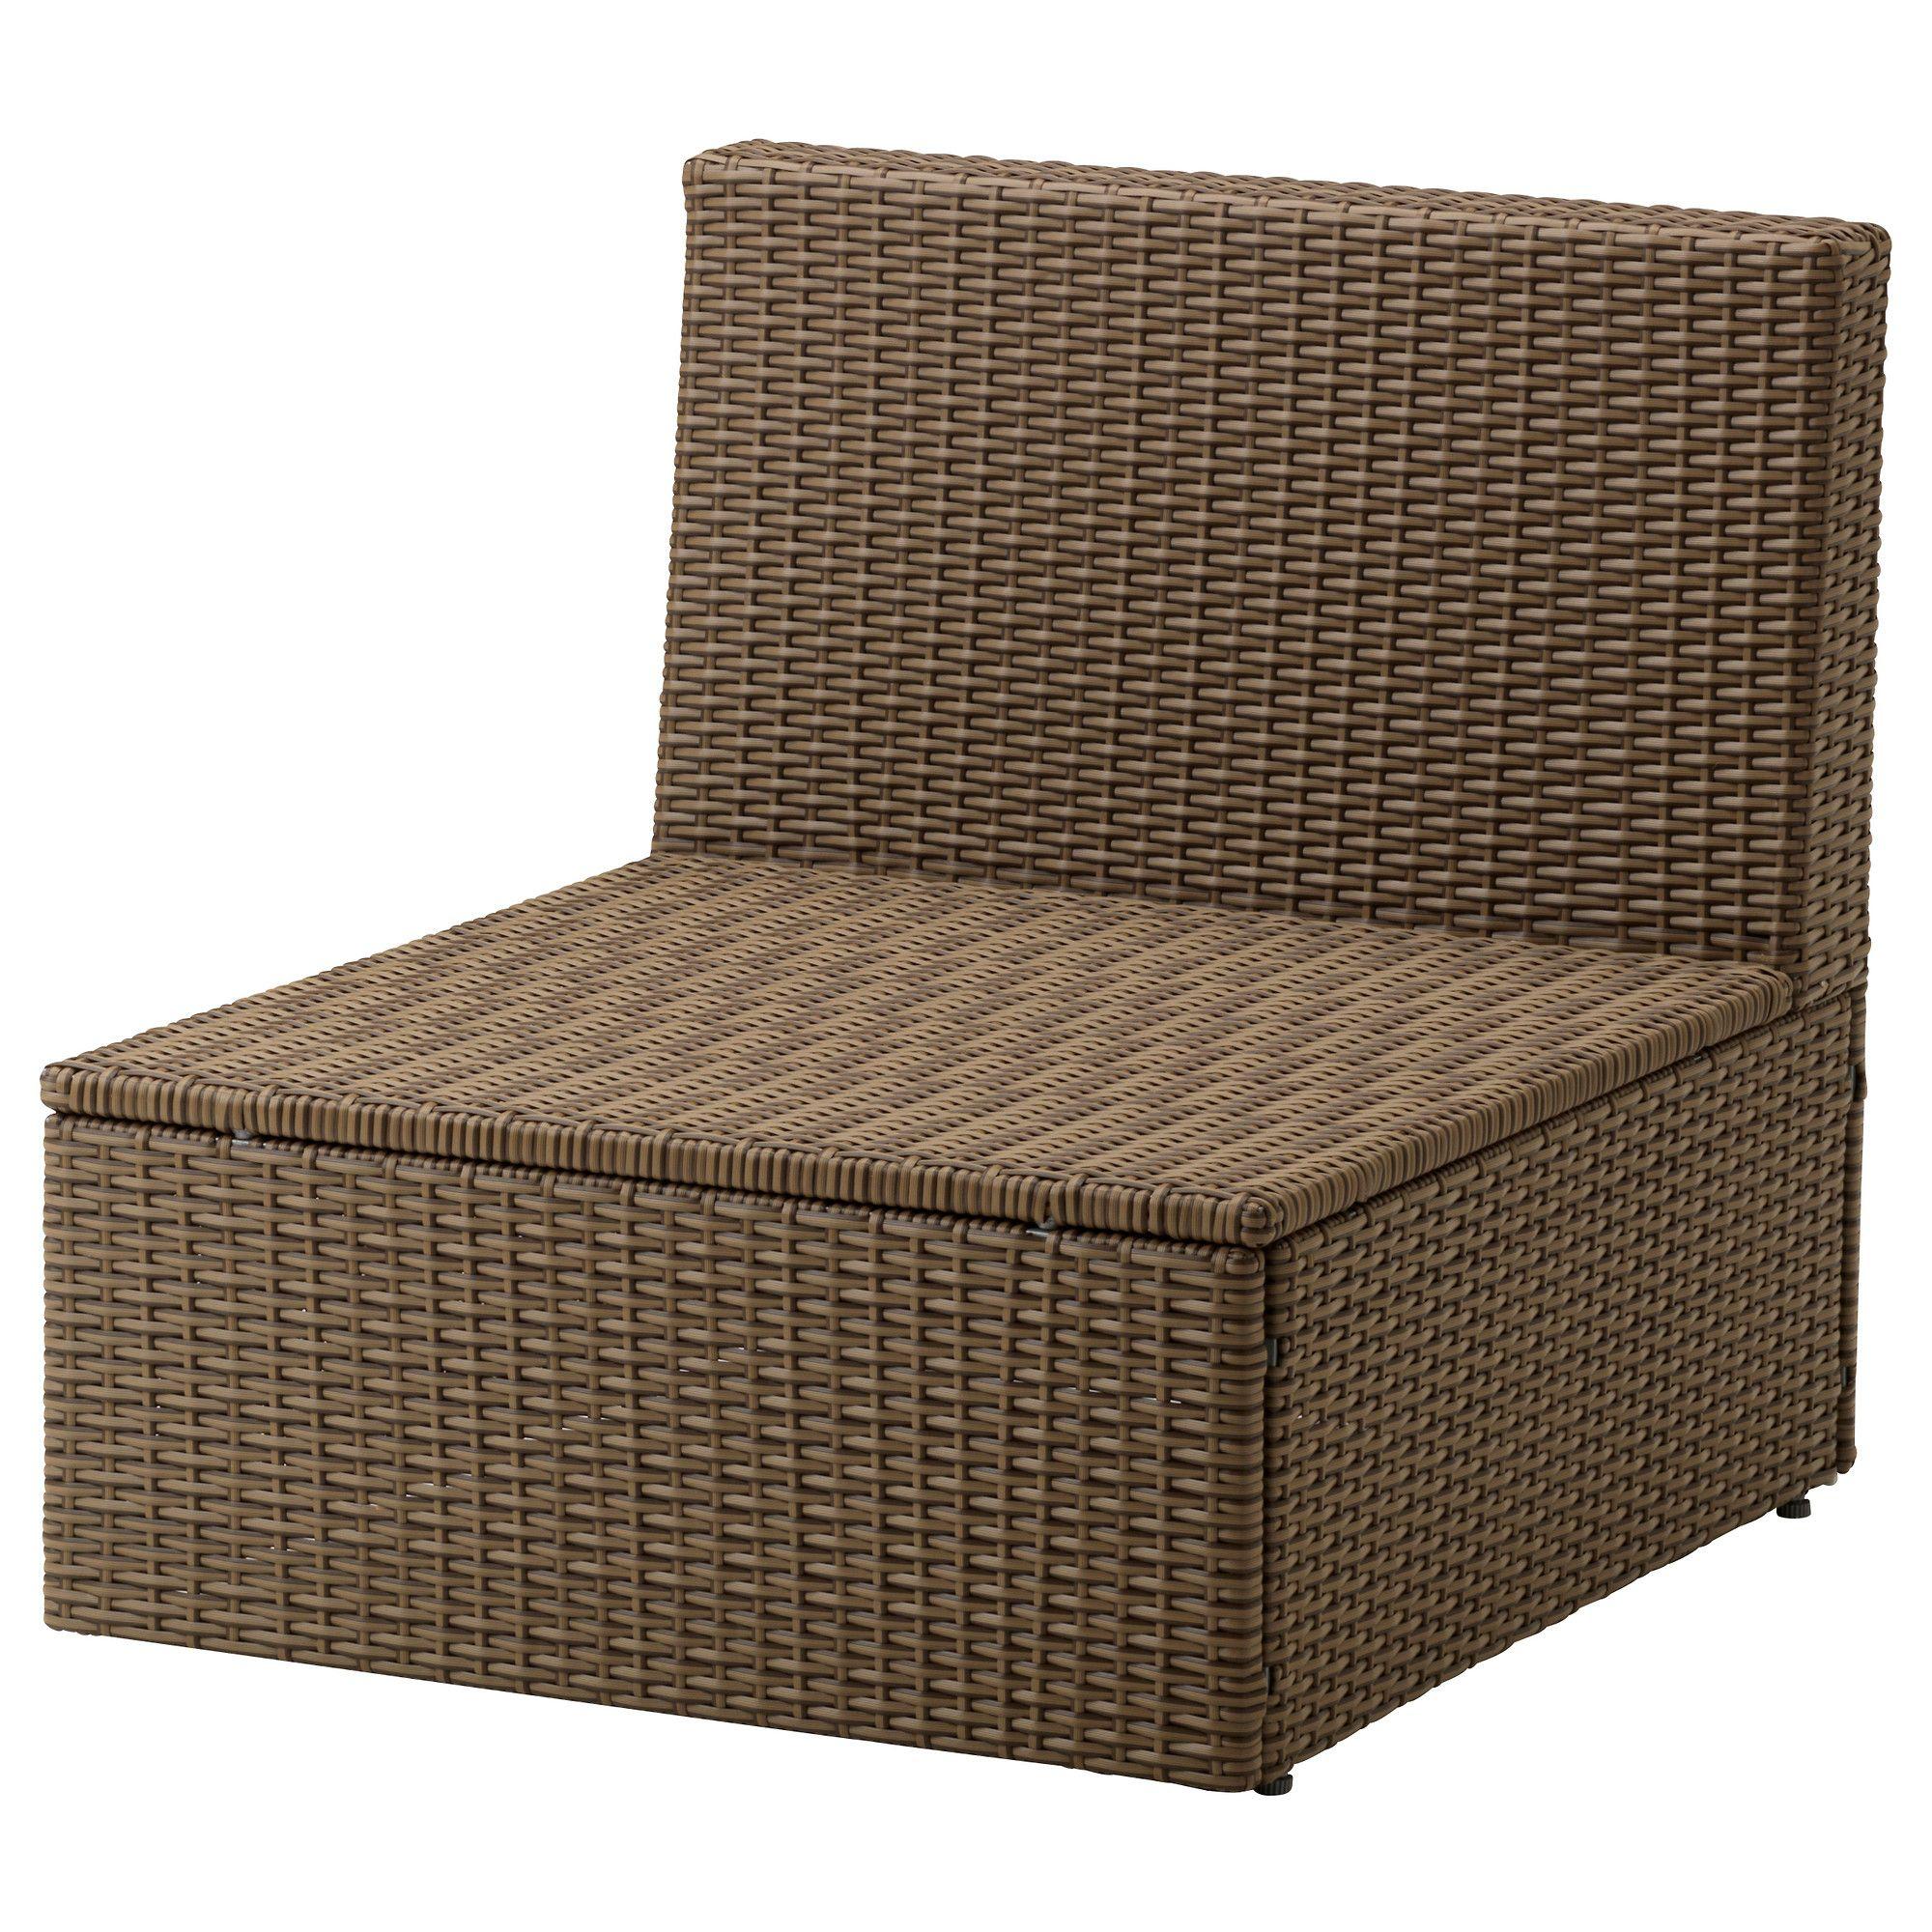 Arholma Chauffeuse 1 Place, Extérieur - Ikea $125 + 2 ... avec Ikea Meubles De Jardin